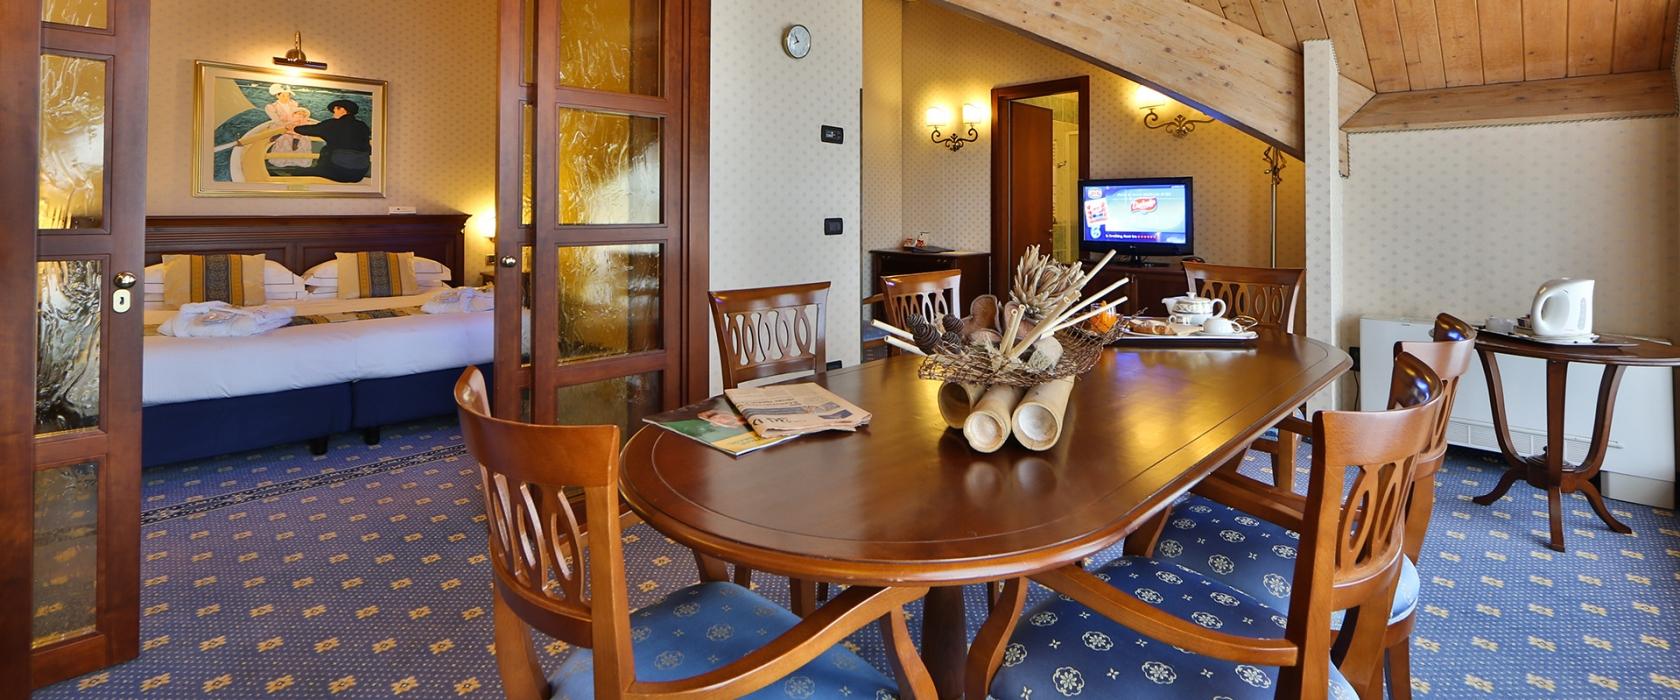 La suite del BW Classic Hotel ti aspetta a Reggio Emilia